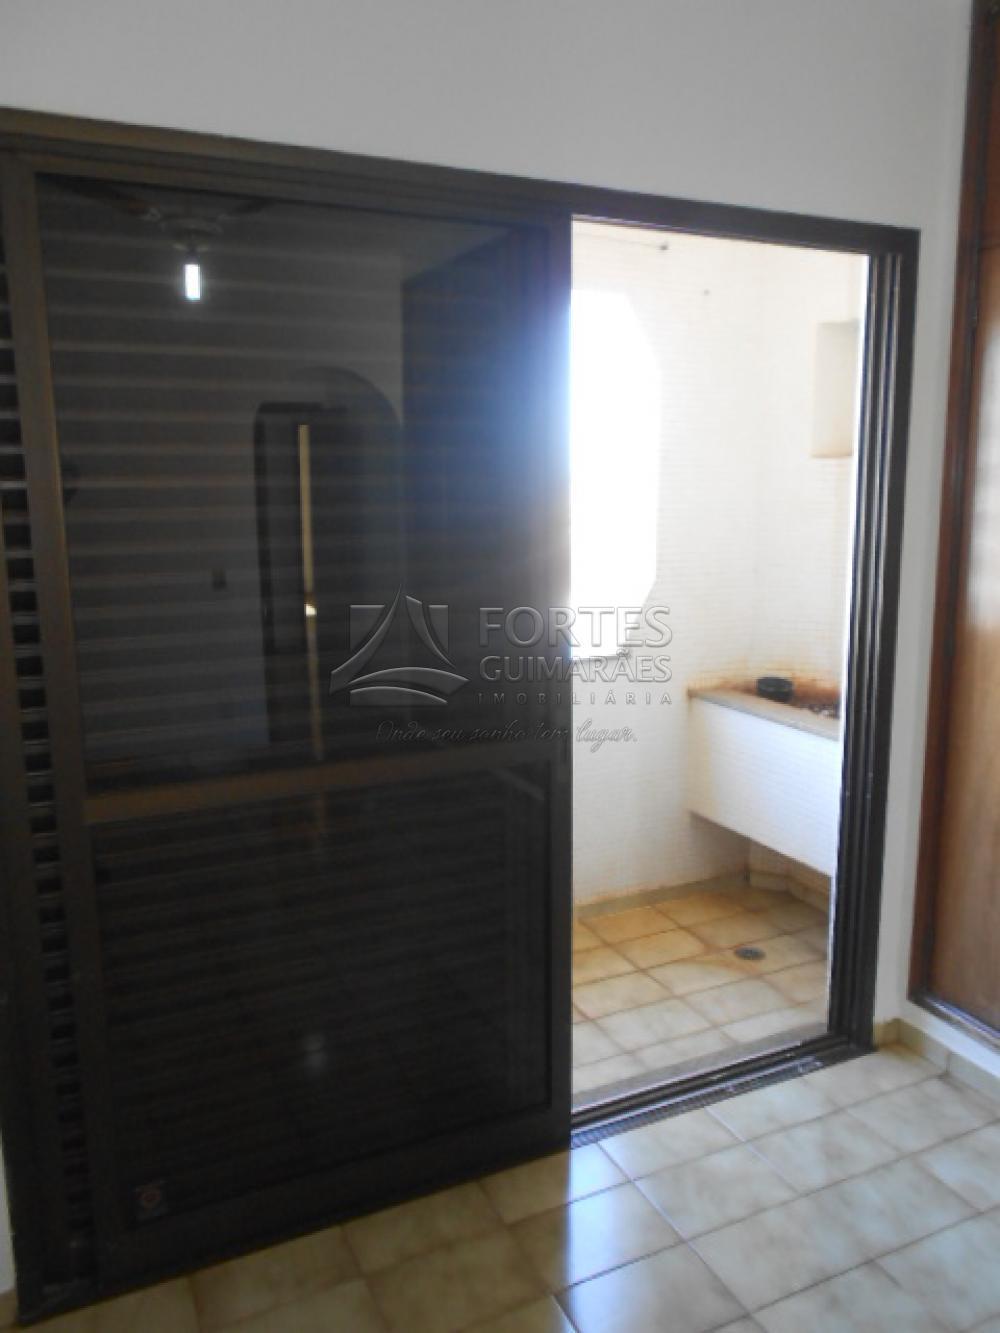 Alugar Apartamentos / Padrão em Ribeirão Preto apenas R$ 1.250,00 - Foto 36